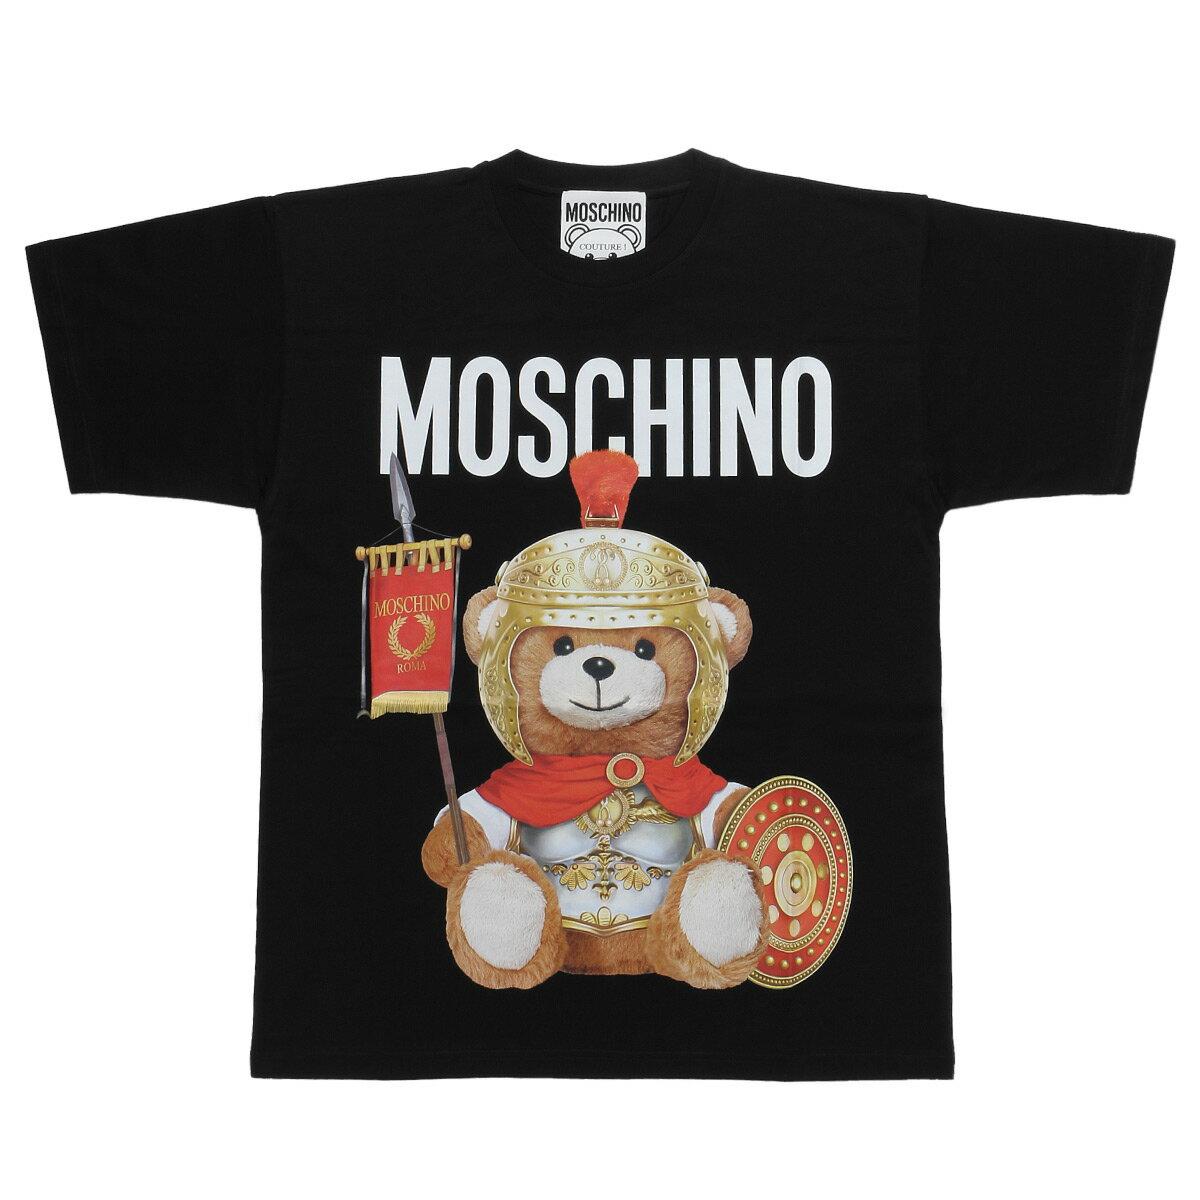 トップス, Tシャツ・カットソー  MOSCHINO T 0703 5540 1555 T BLACK